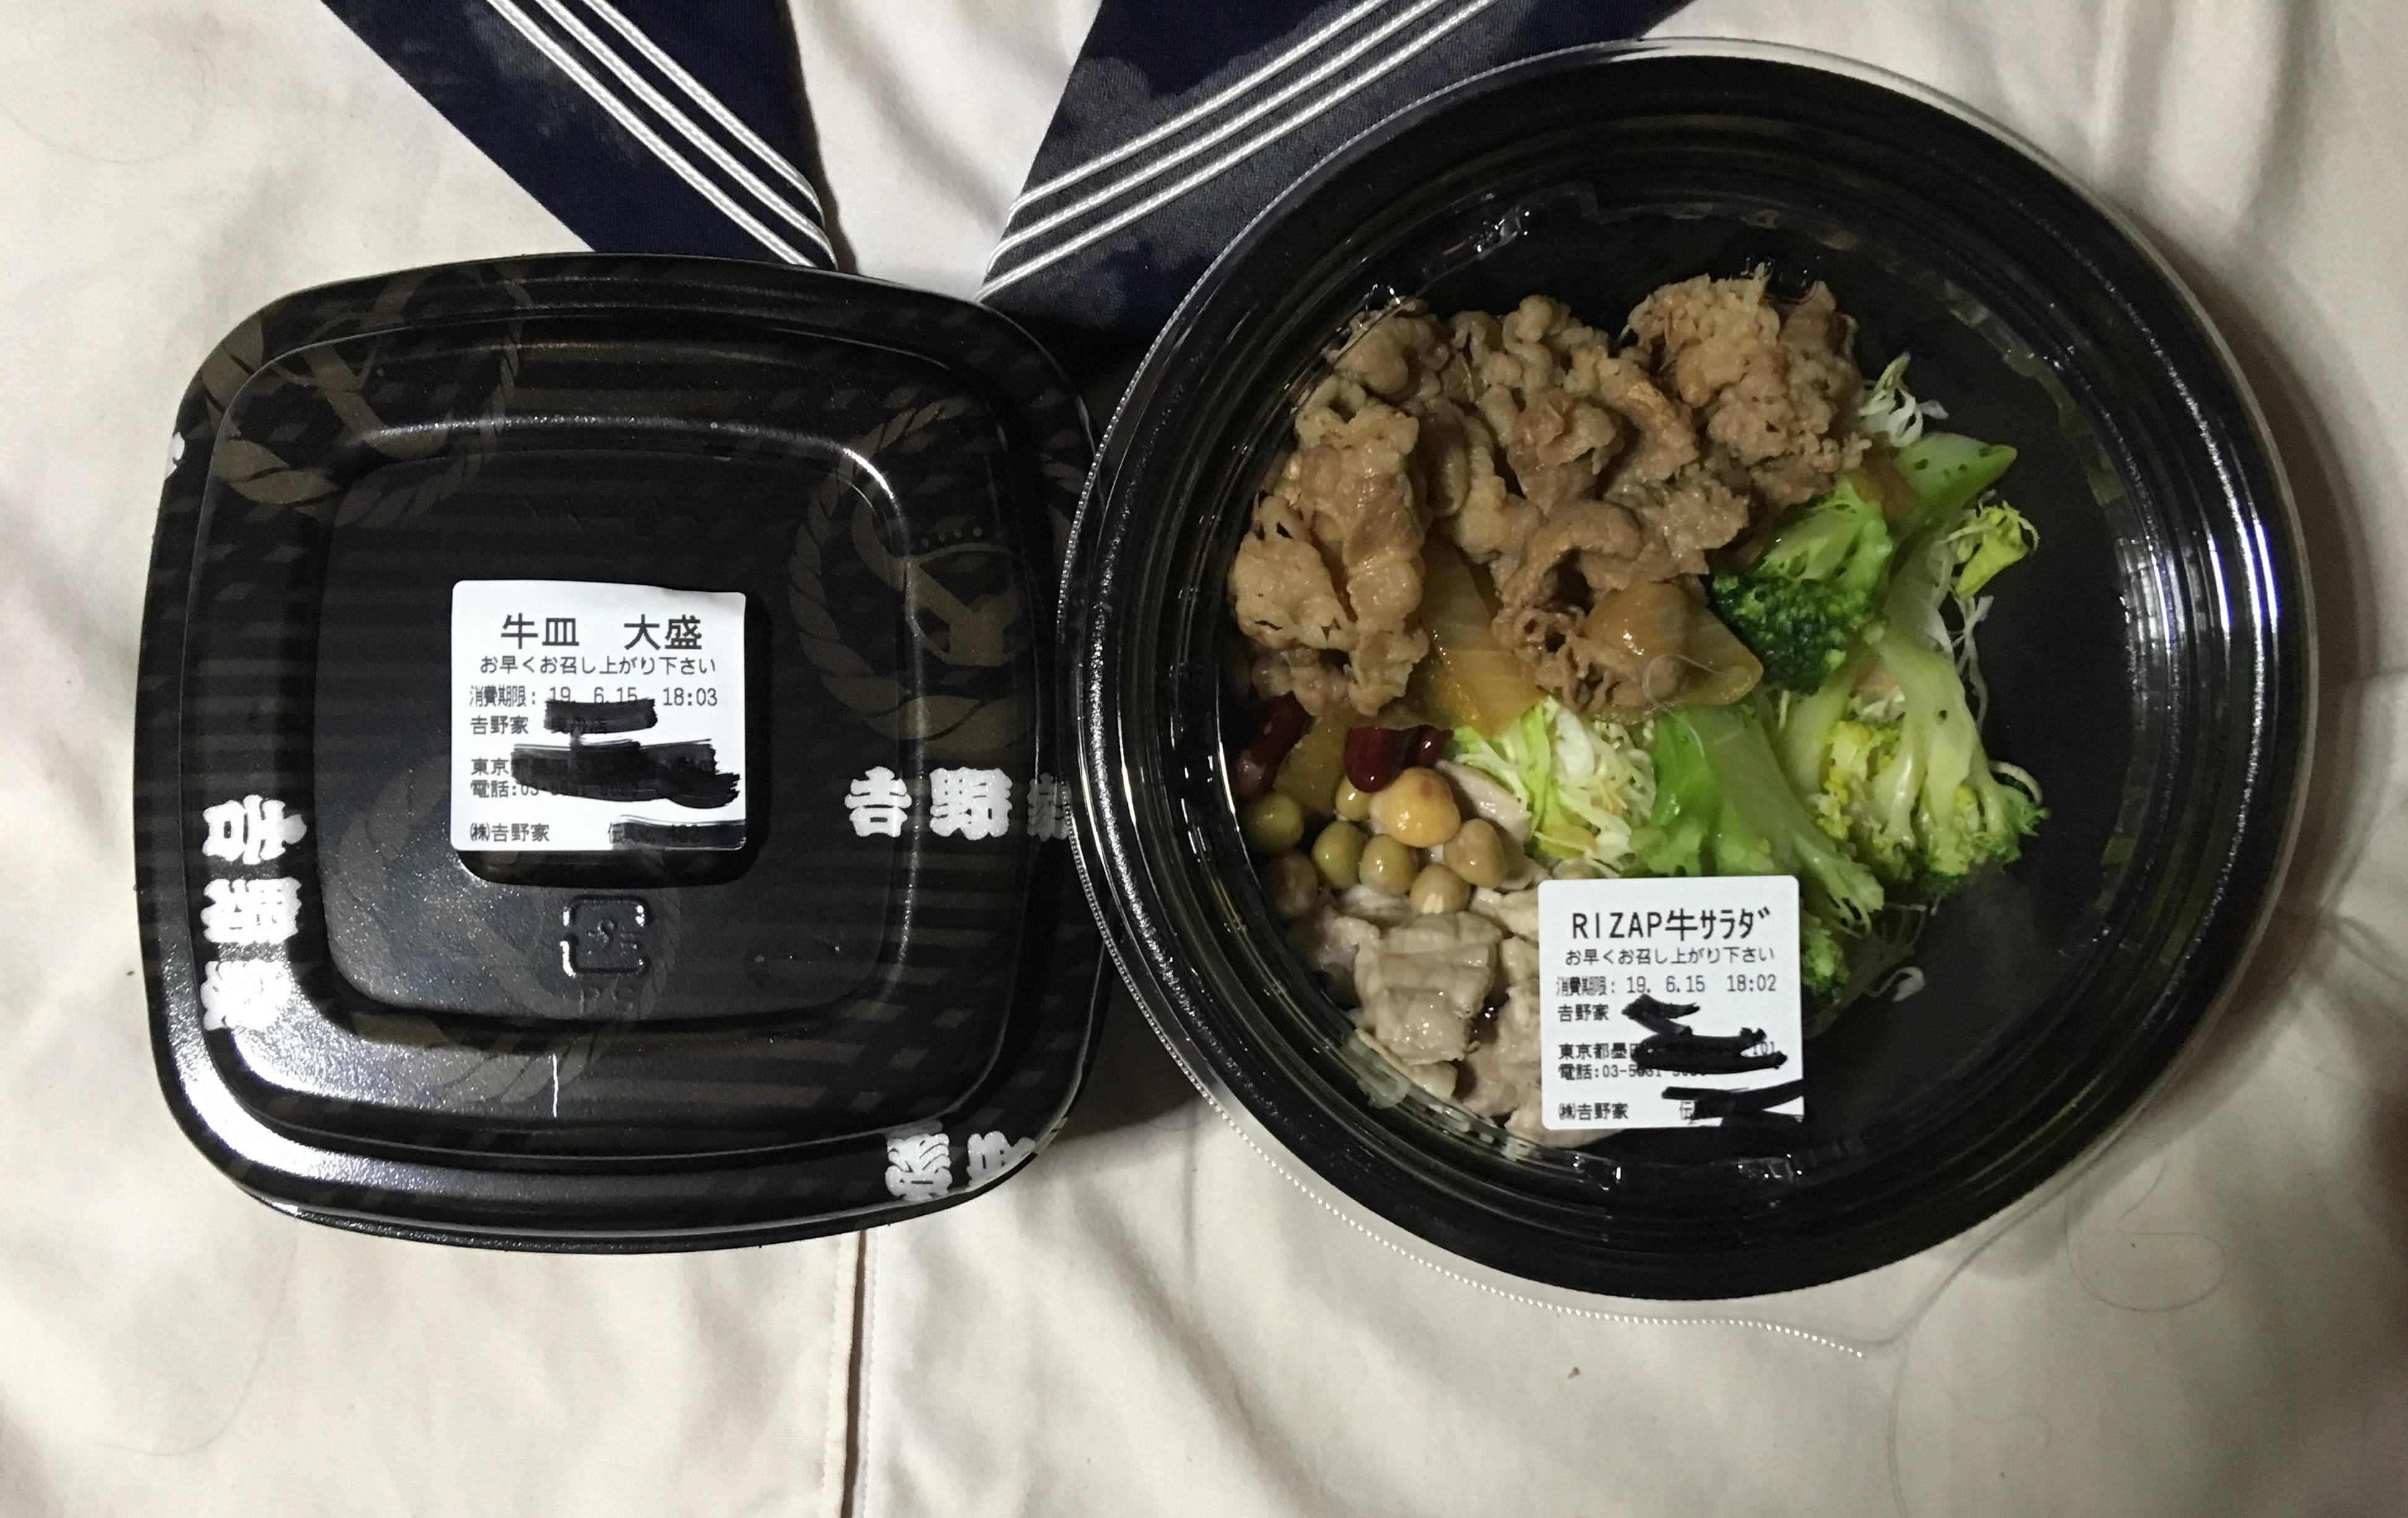 ライザップ牛サラダと牛皿大盛り 推定糖質20g未満|吉野家